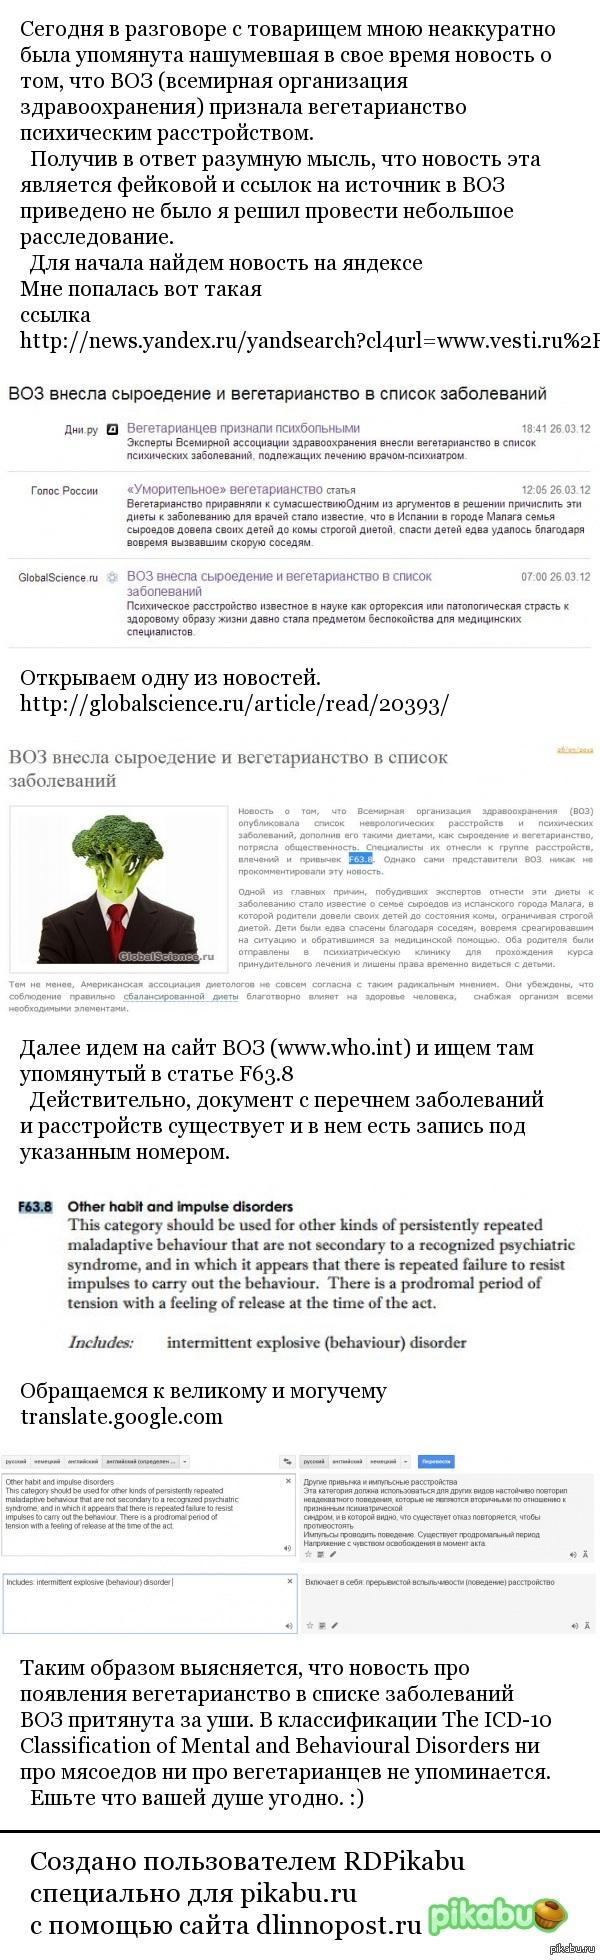 Веганы vs ВОЗ Развенчание мифа о признании вегетарианства психическим расстройством.